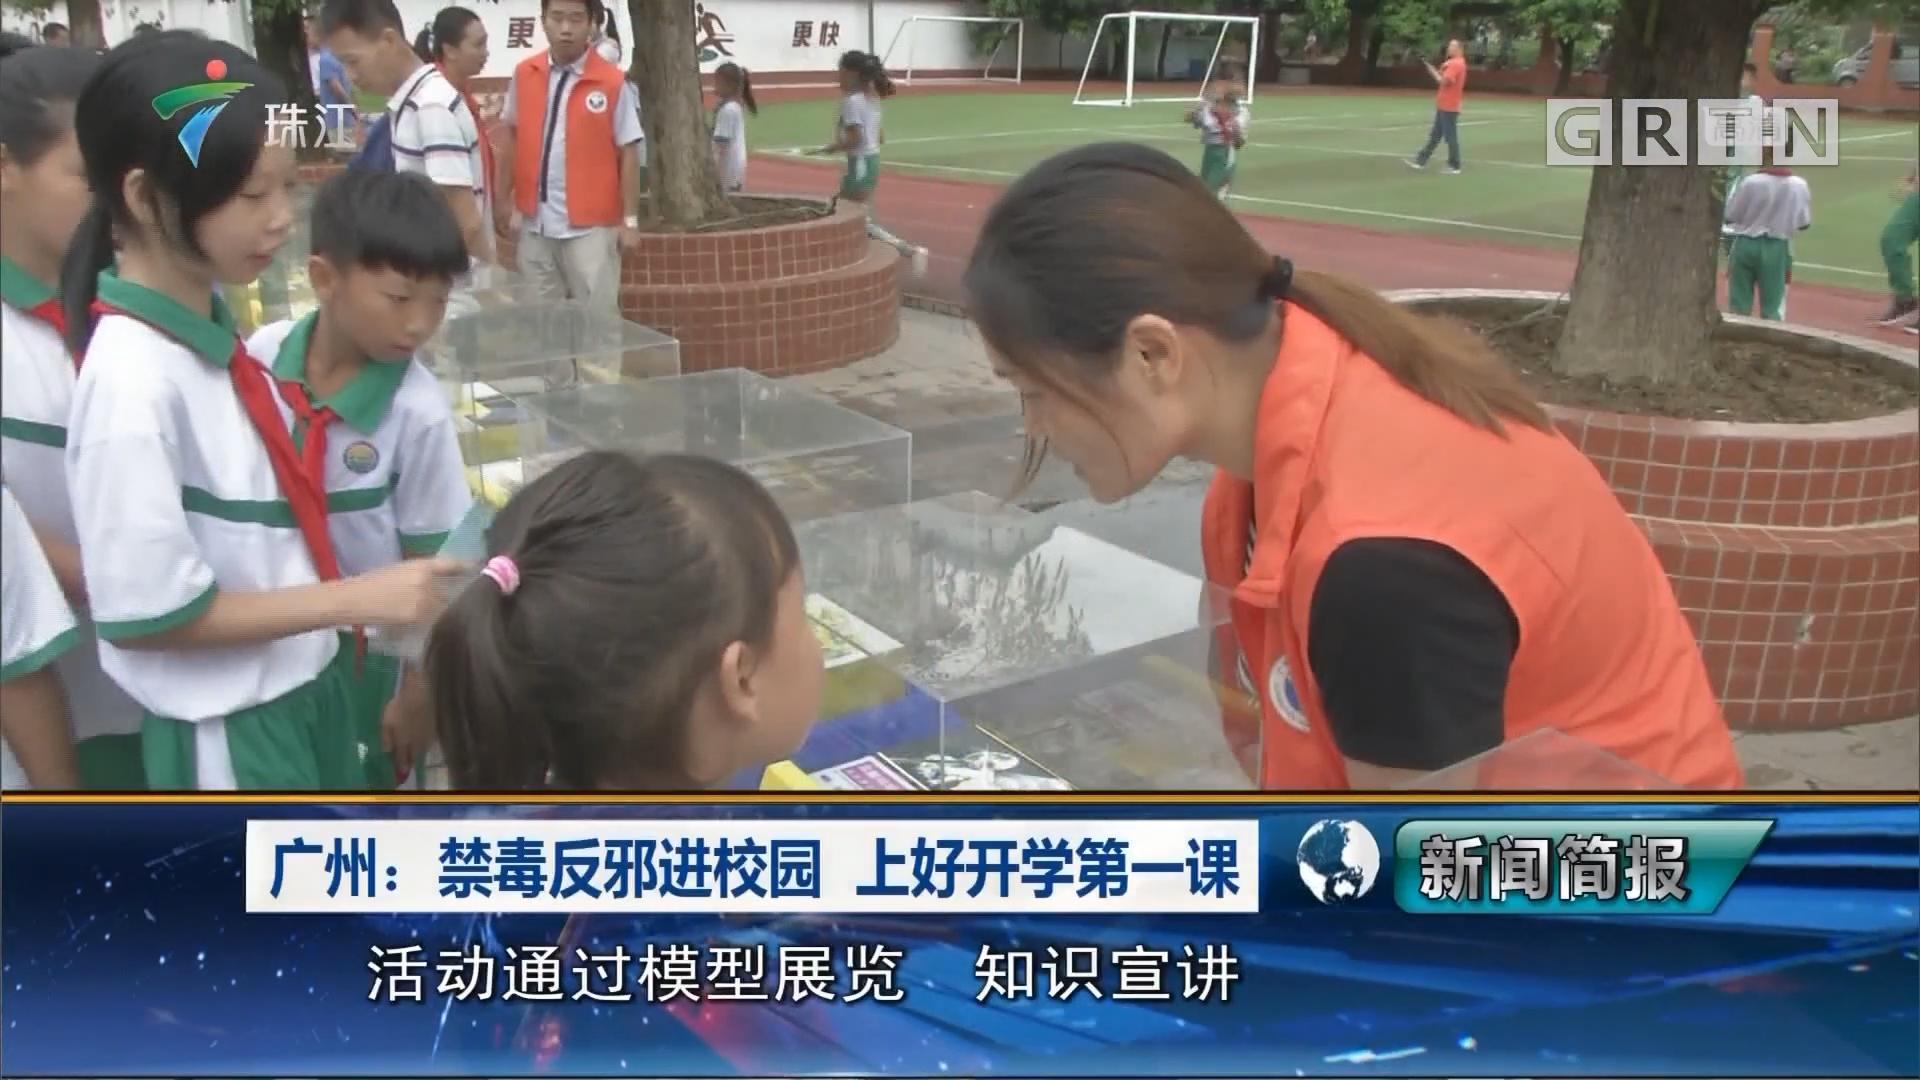 广州:禁毒反邪进校园 上好开学第一课